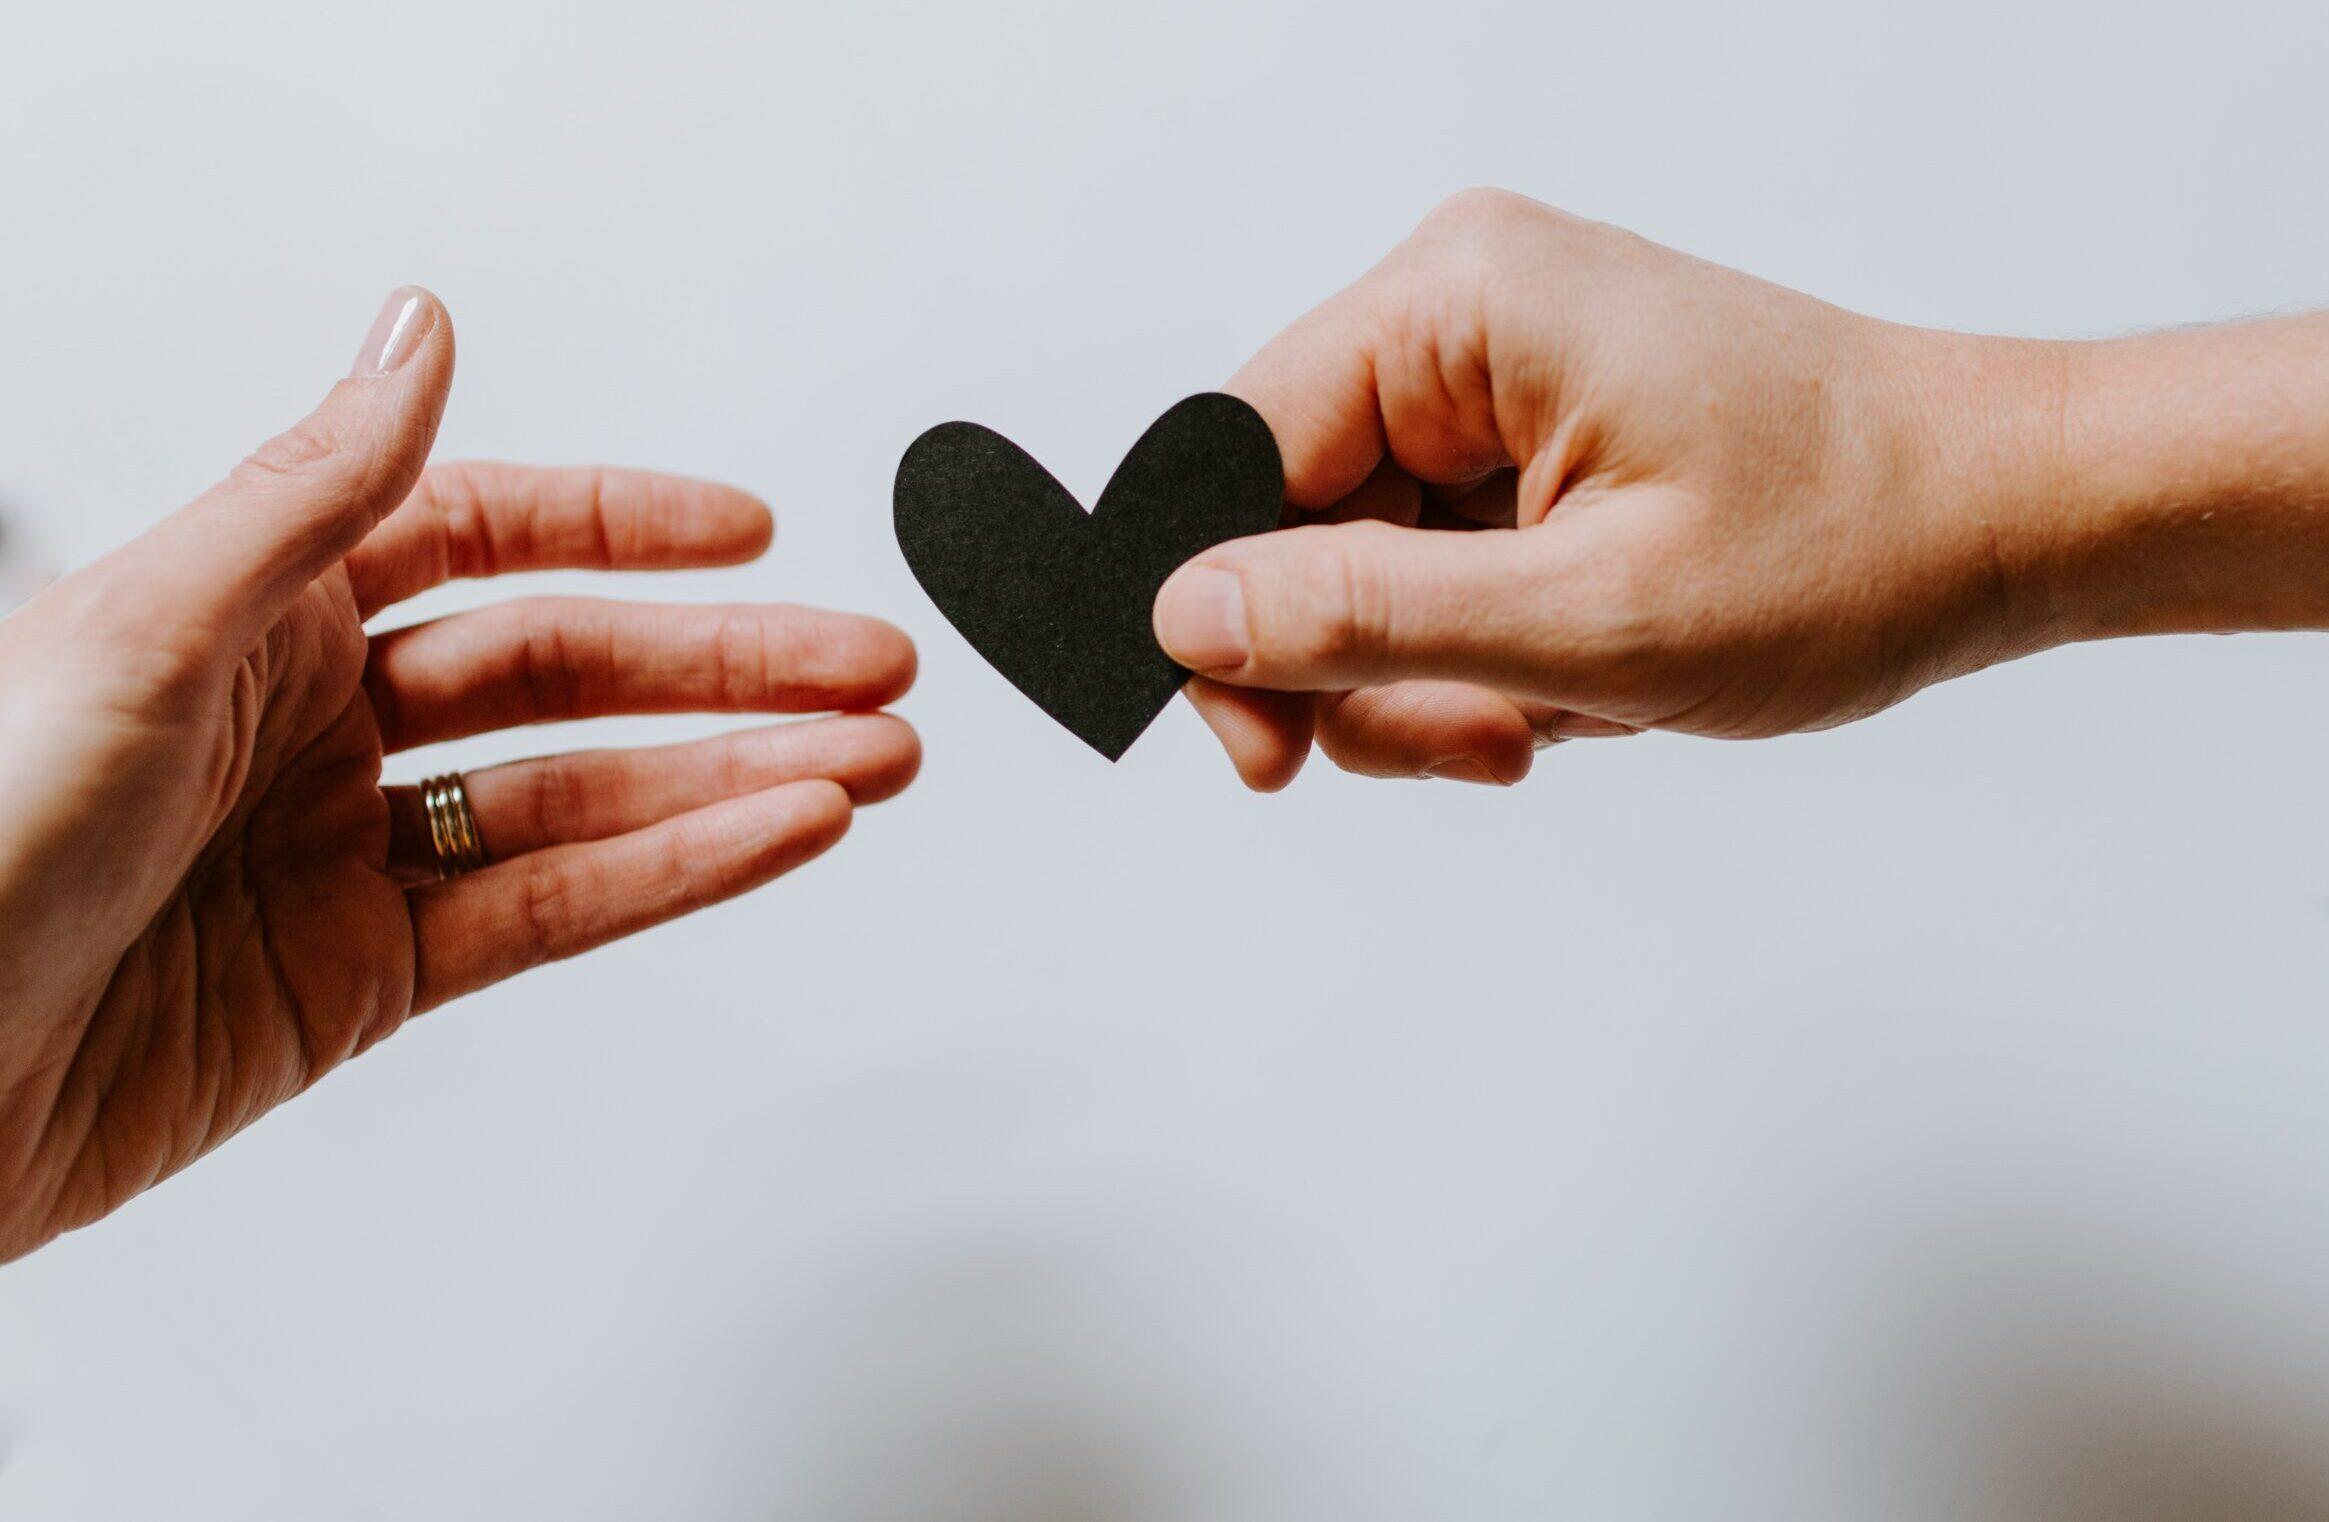 En hand ger en annan hand ett utklippt hjärta